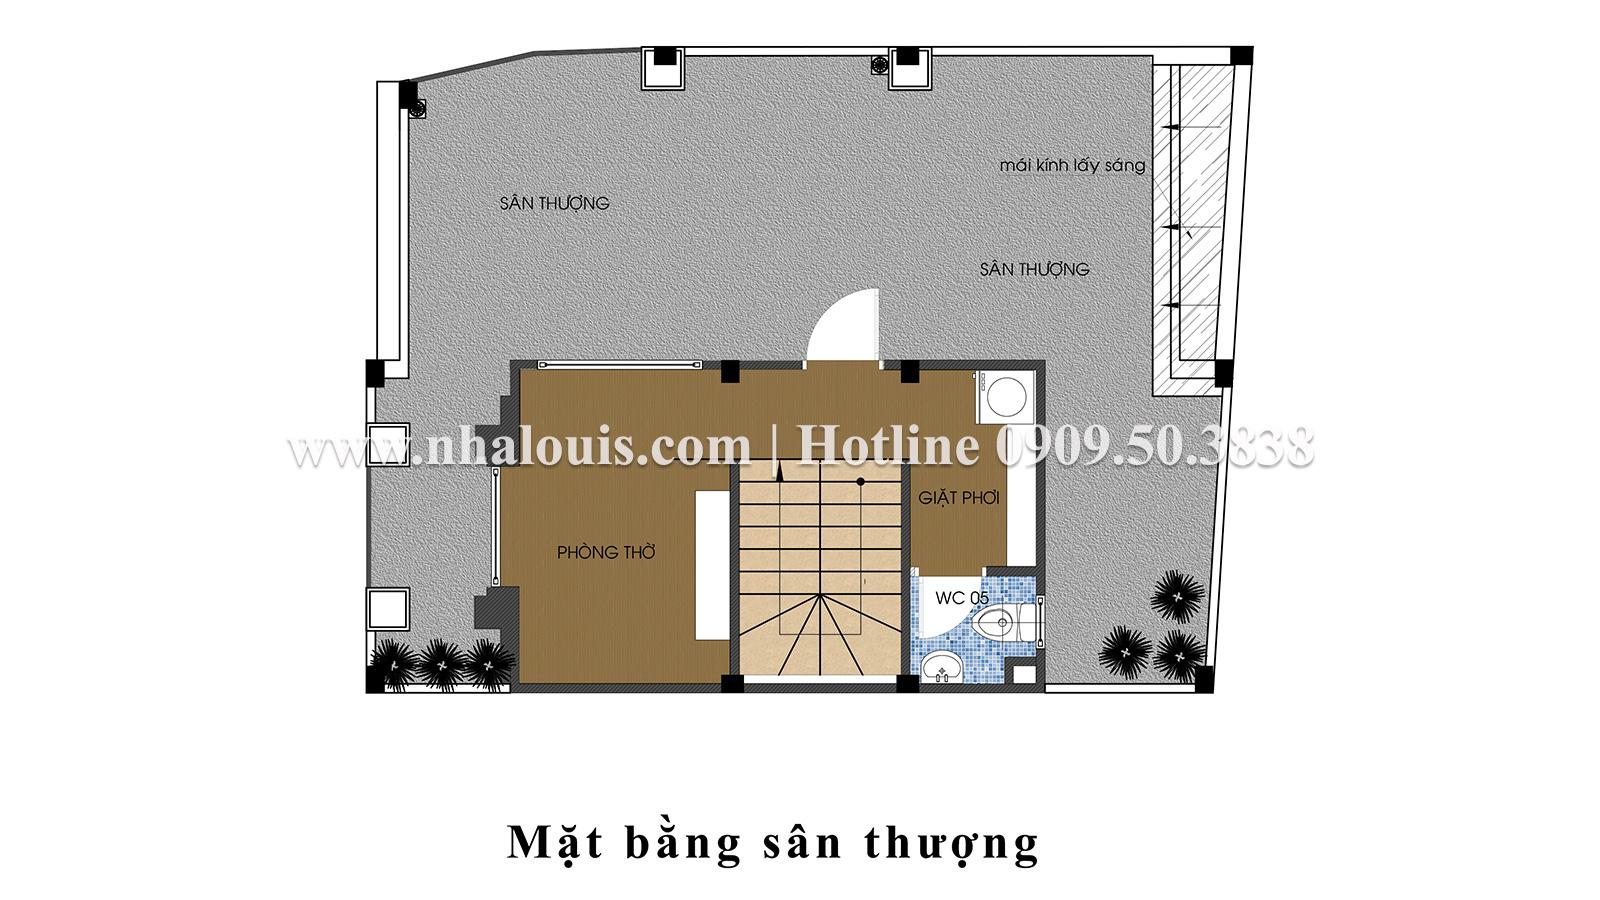 Mặt bằng Sân thượng Thiết kế nhà ống tân cổ điển 4 tầng đầy đủ tiện nghi tại Gò Vấp